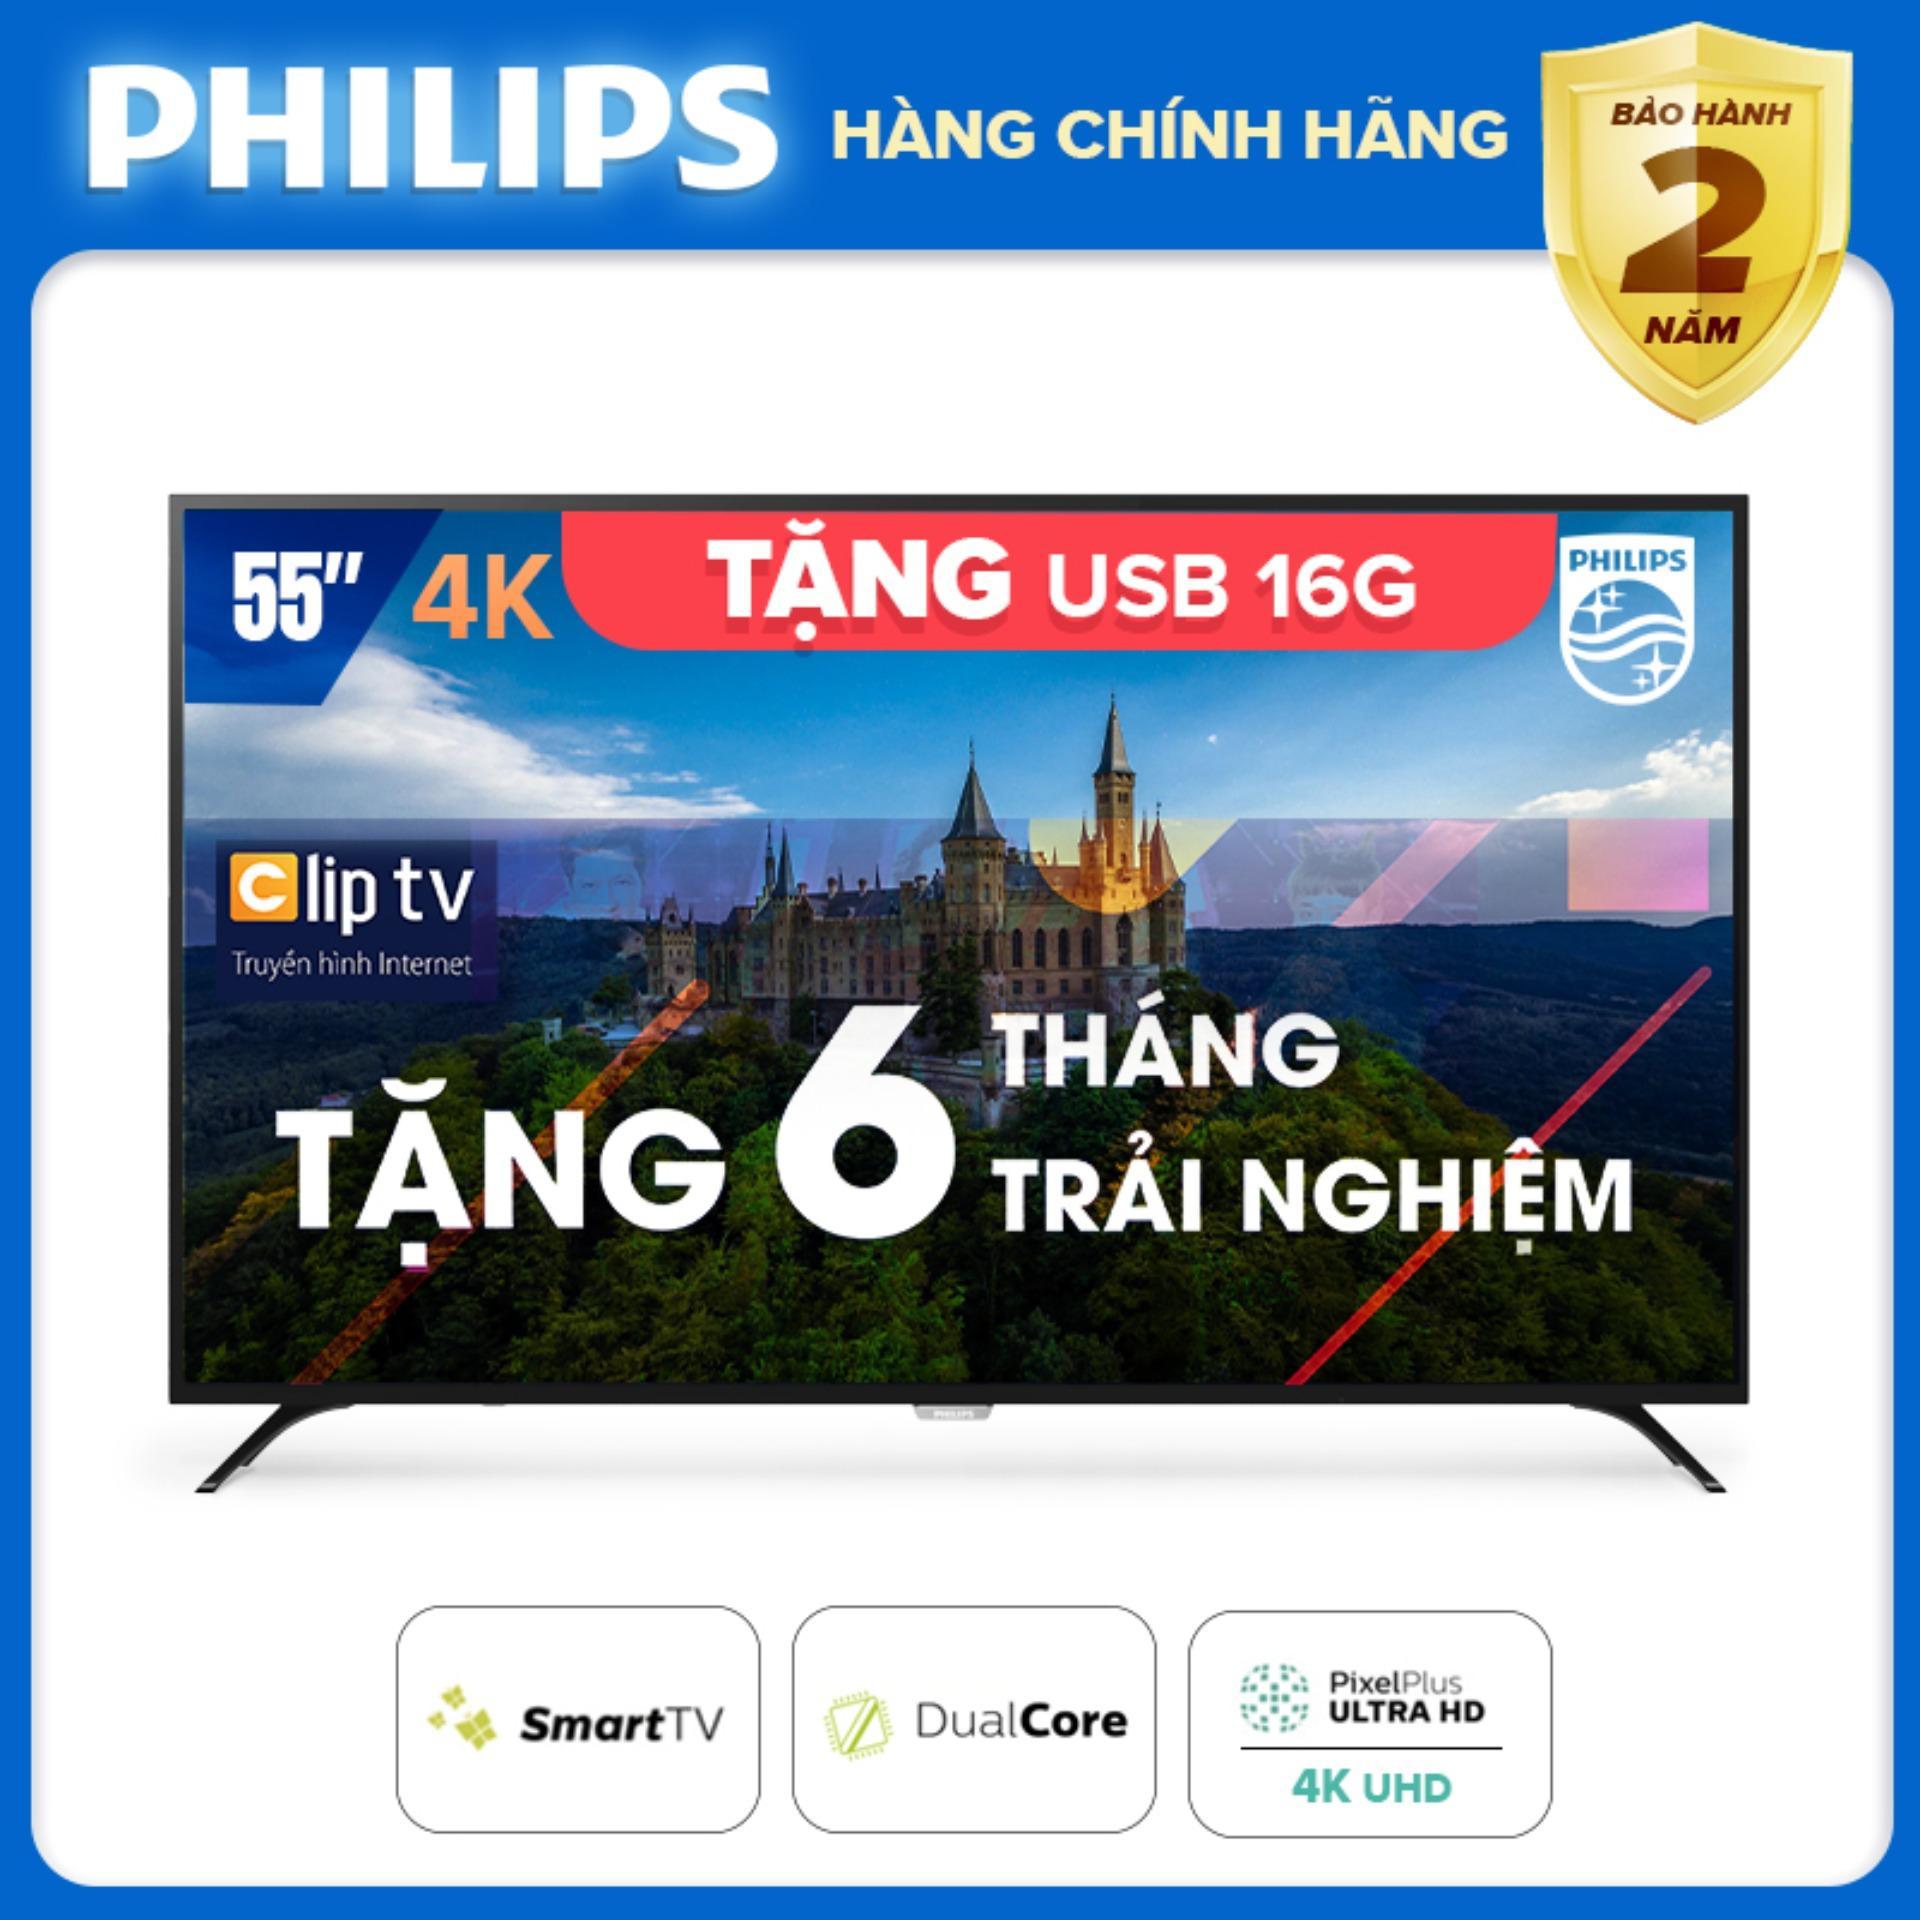 Bảng giá SMART TIVI PHILIPS 4K UHD 55 INCH KẾT NỐI INTERNET WIFI - hàng Thái Lan - Free 6 tháng xem phim Clip TV - Tặng USB 16G - Bảo hành 2 năm tại nhà - 55PUT6023S/74 Tivi Philips